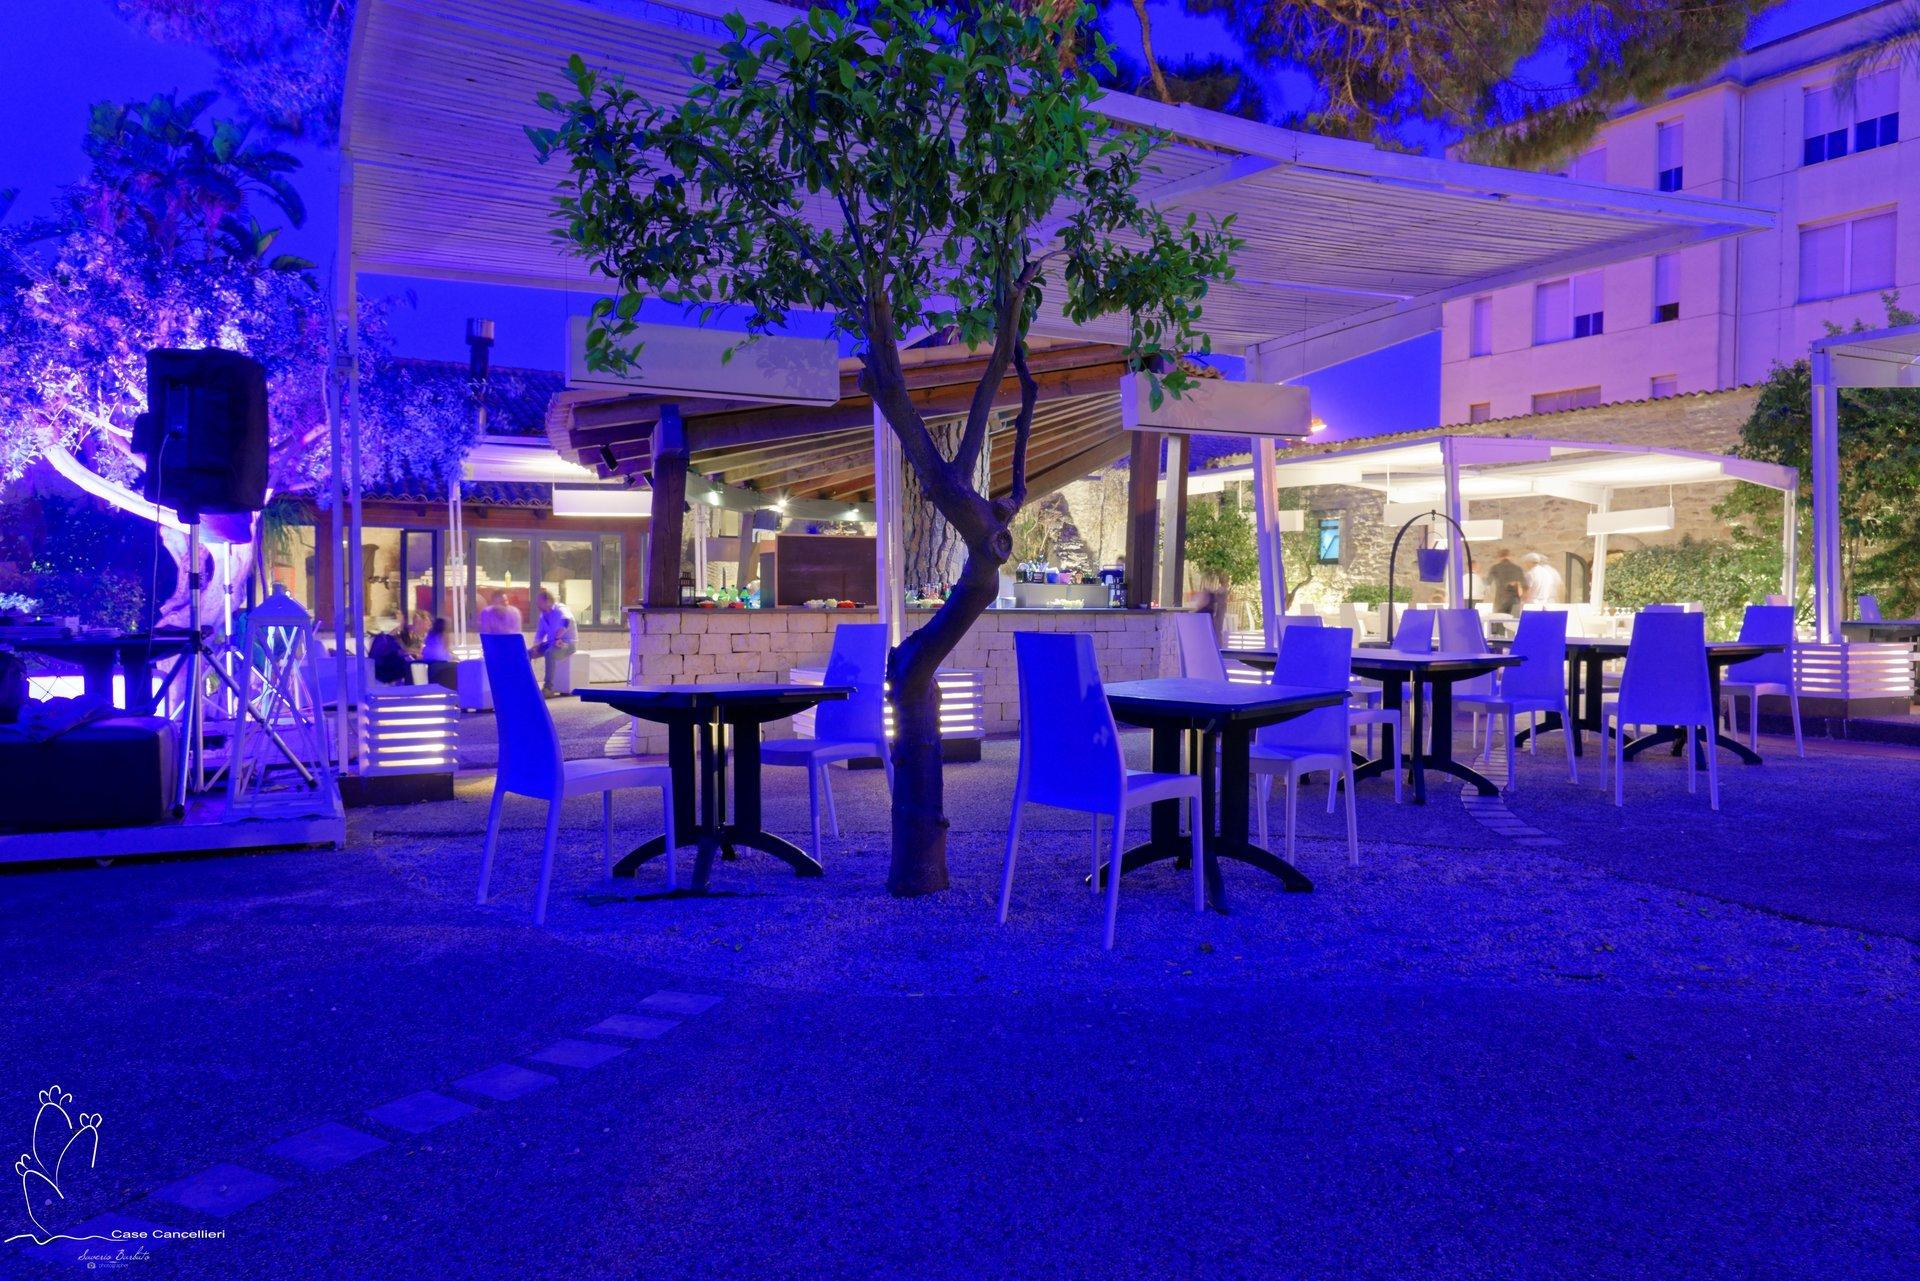 Tavoli bianchi in cortile interno illuminato di blu